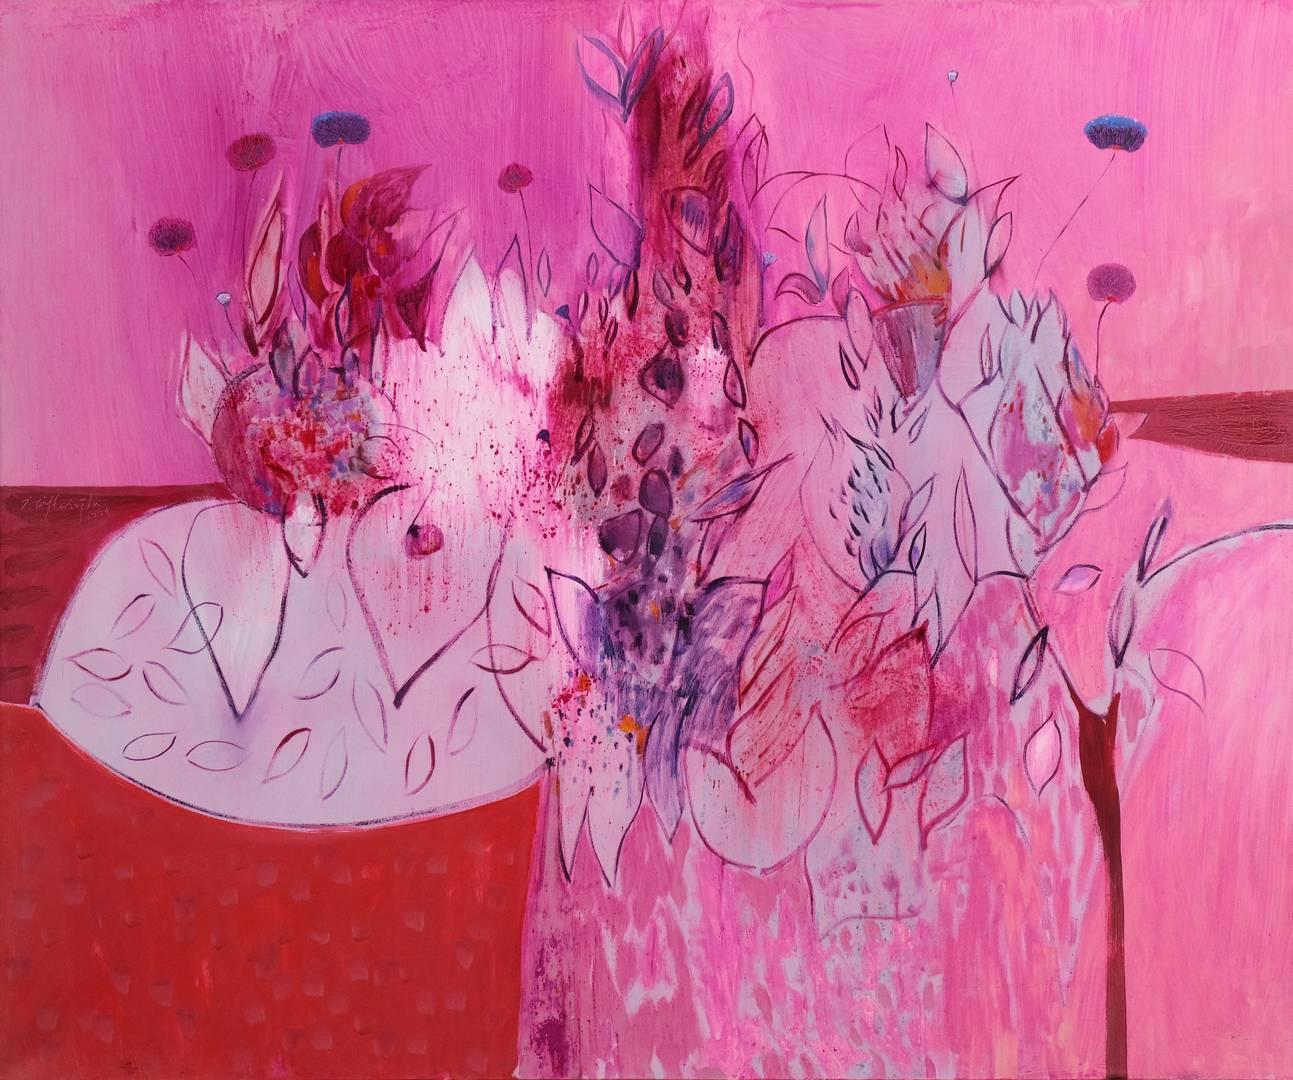 İbrahim Çiftçioğlu, Nakkaşın Çiçekli Bahçe Gezintisi, 150x180 cm, Tuval üzerine yağlı boya, 2004